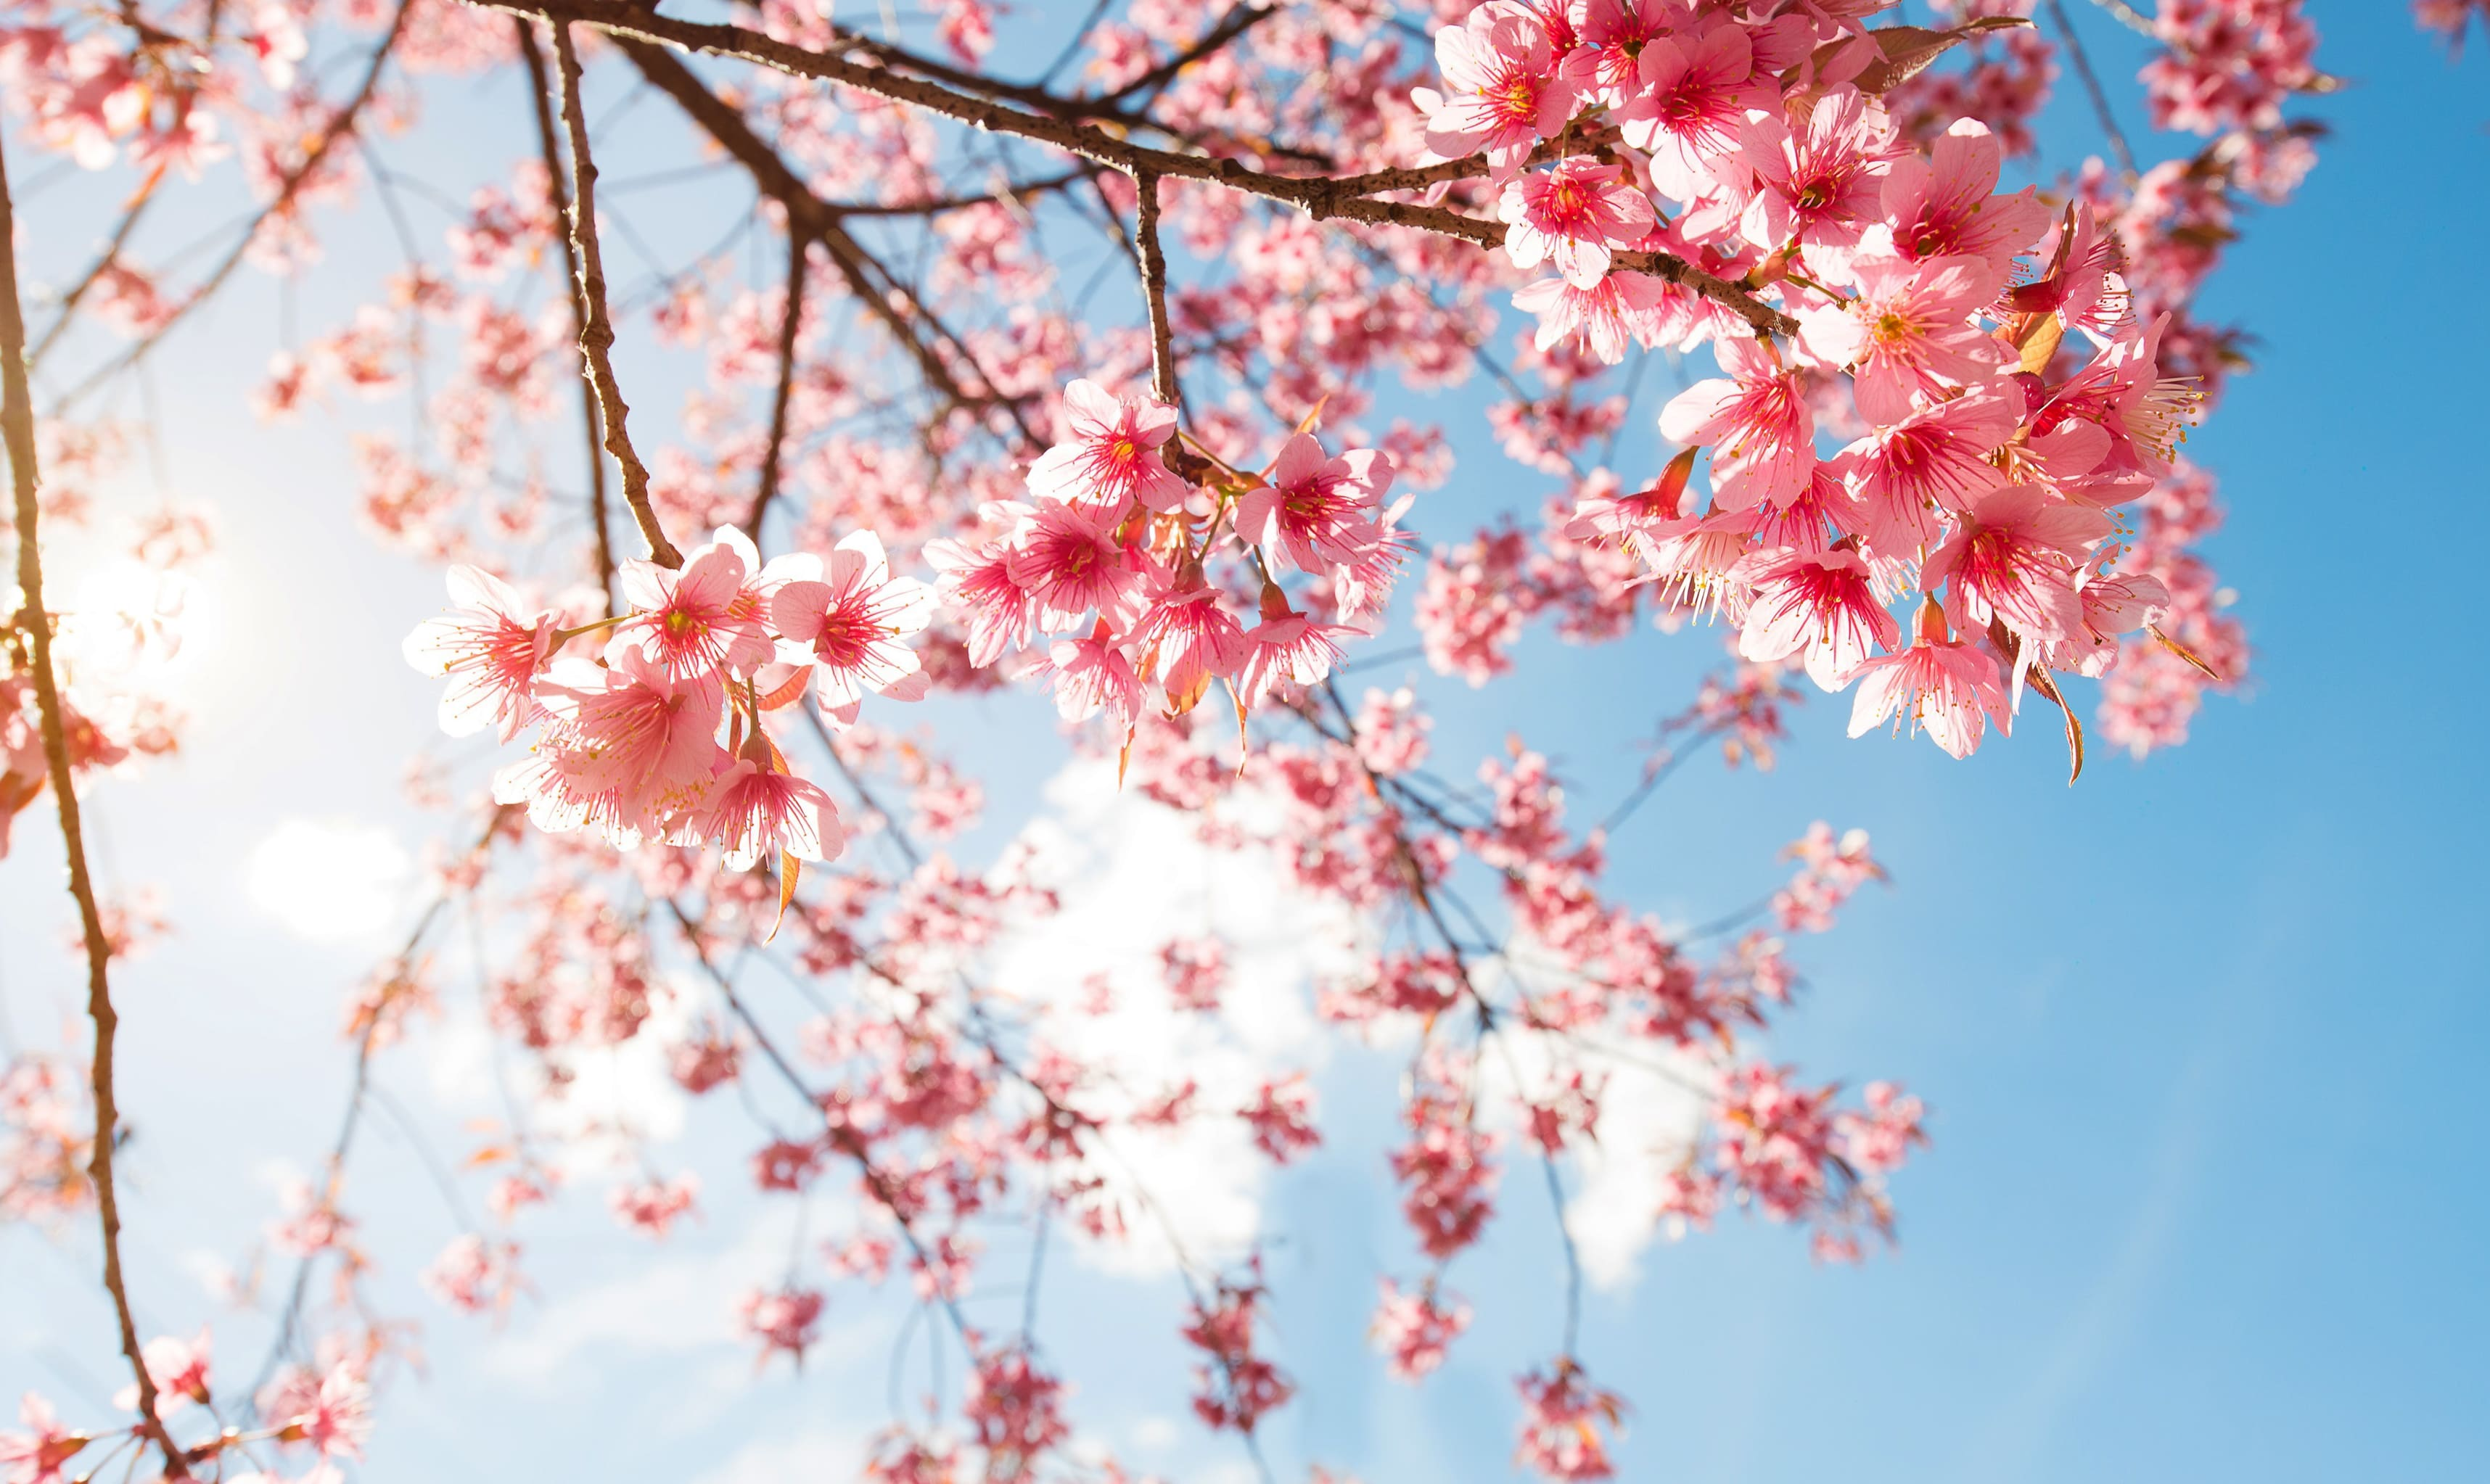 sakura-in-bloom-81